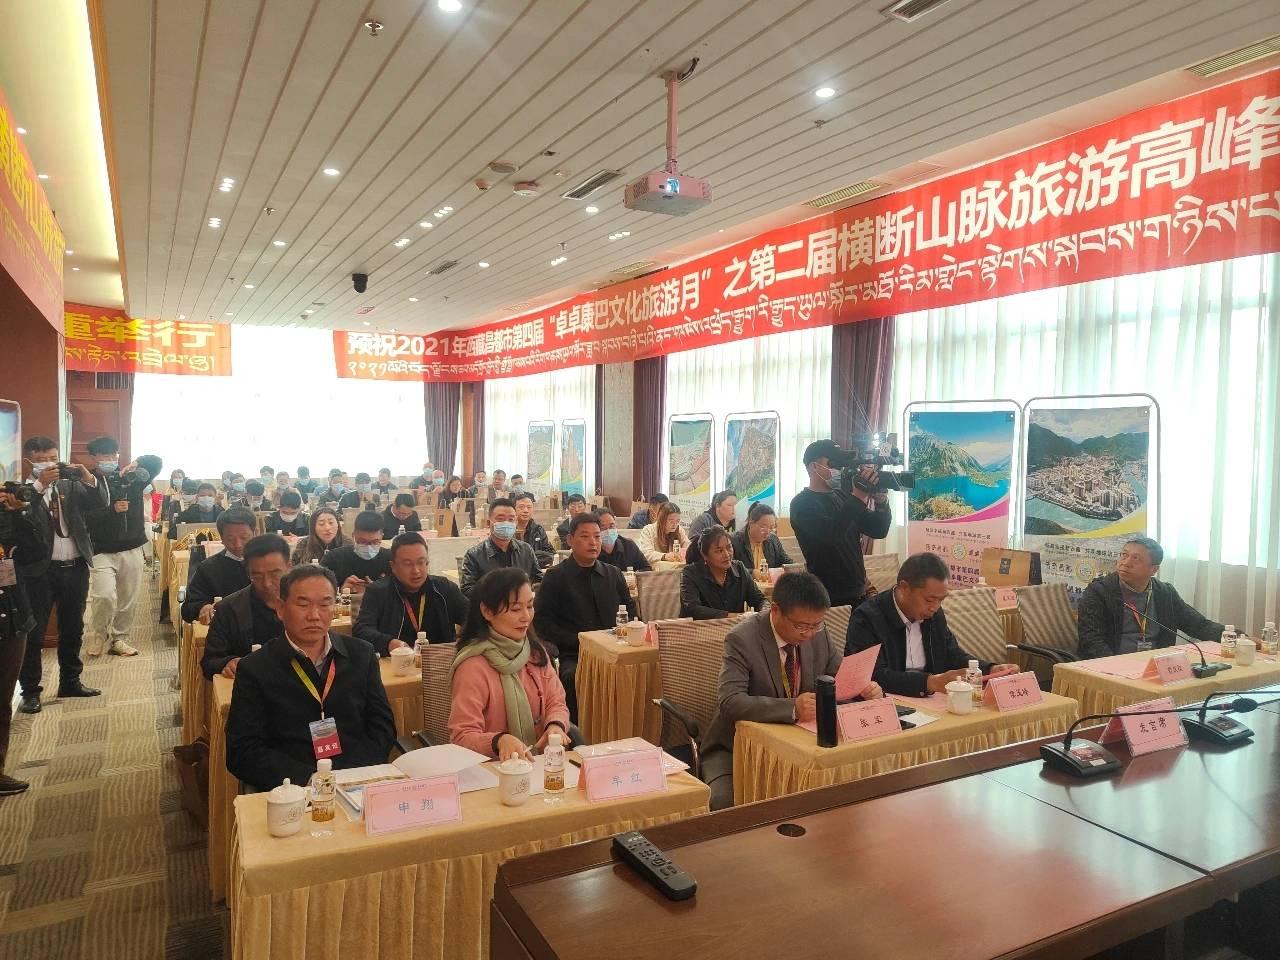 第二届横断山脉旅游高峰论坛在昌都举行,现场签署并发表重要宣言